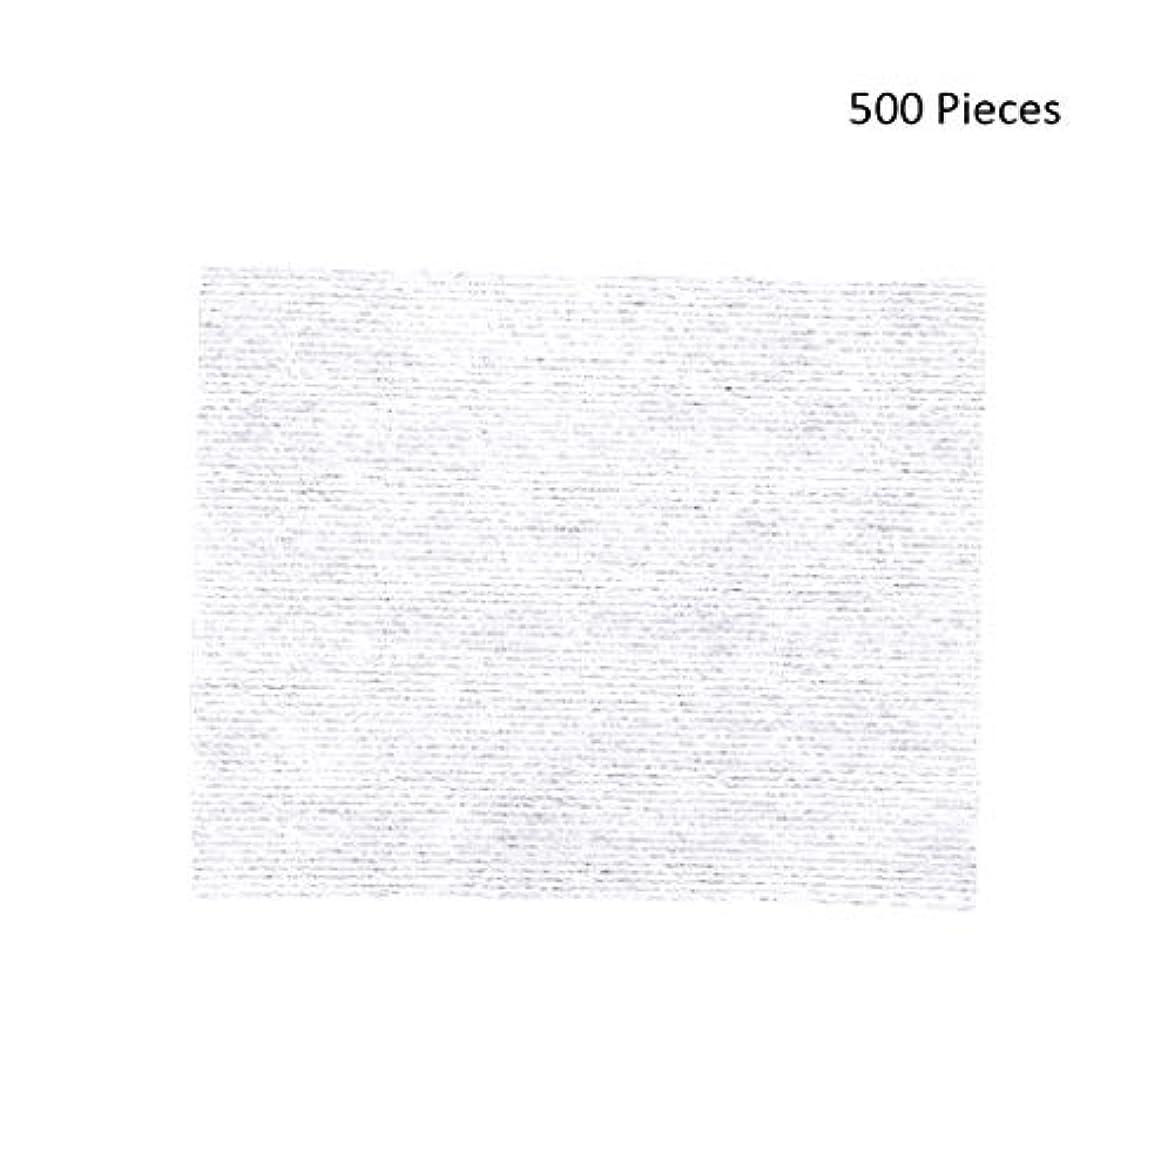 味方子供時代行進化粧パッド 500ピース化粧拭きコットンパッドメイク落としパッドソフトパッド化粧品フェイスマスククレンジングケアフェイシャルナプキンコットン メイク落とし化粧パッド (Color : White, サイズ : 6*5cm)